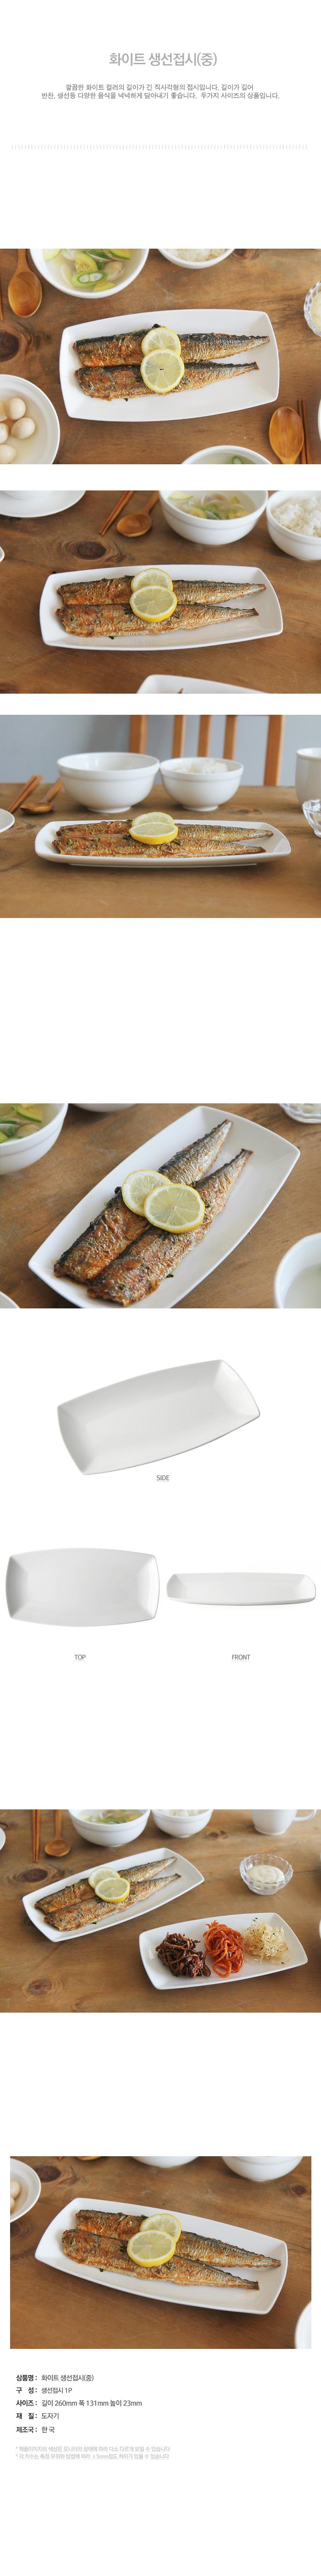 화이트 생선접시(중) - 모닝듀, 12,500원, 접시/찬기, 접시